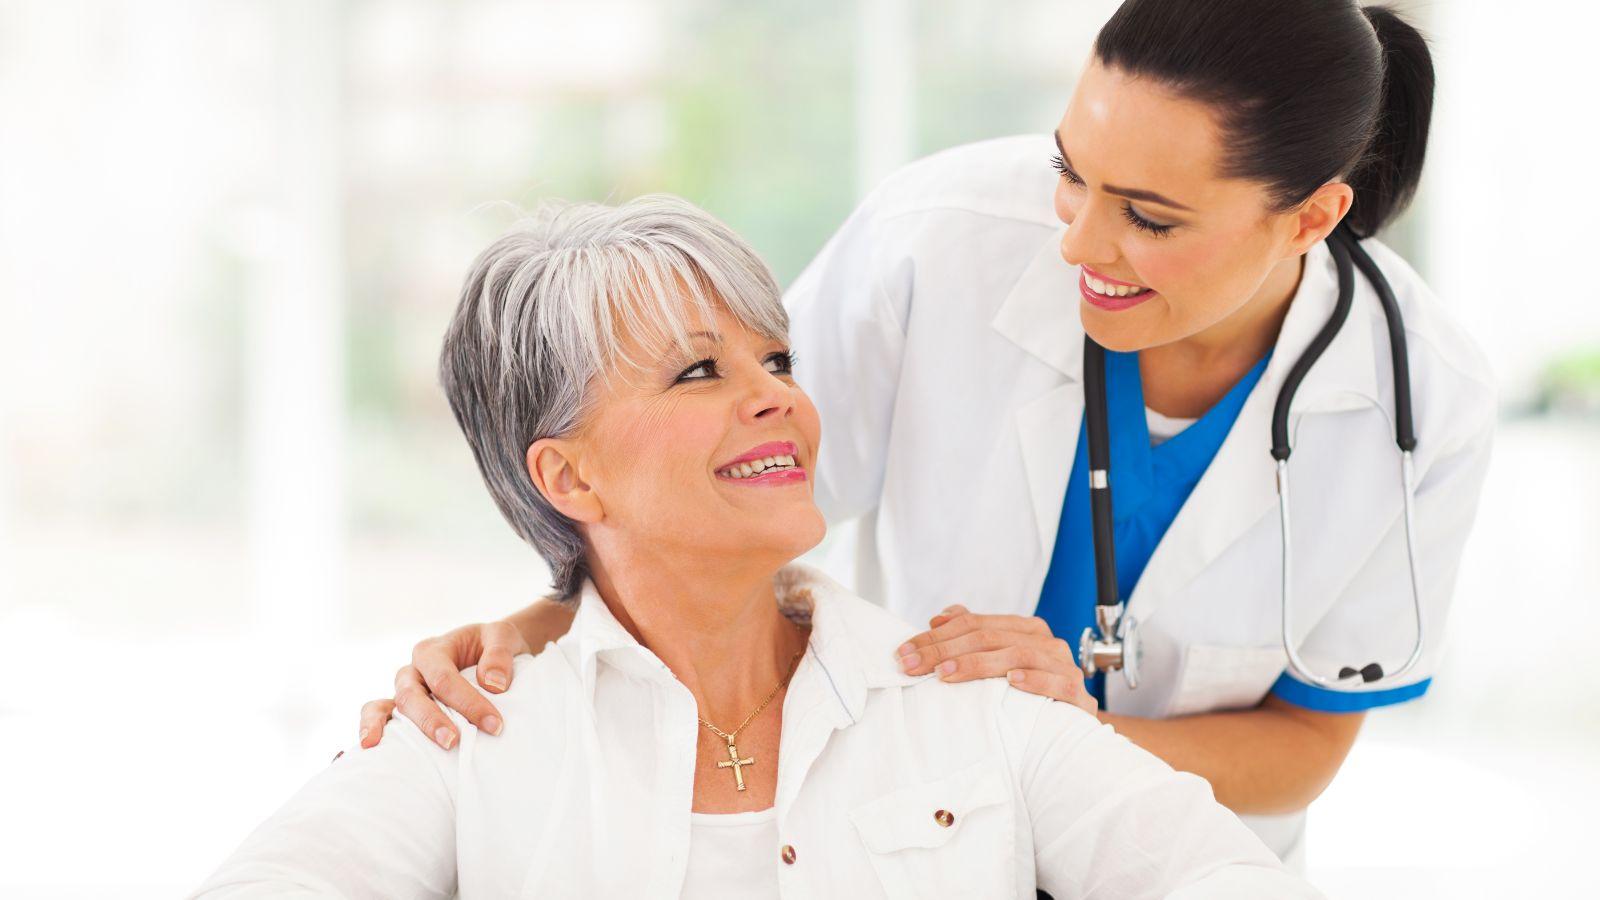 La importancia de la atención al paciente